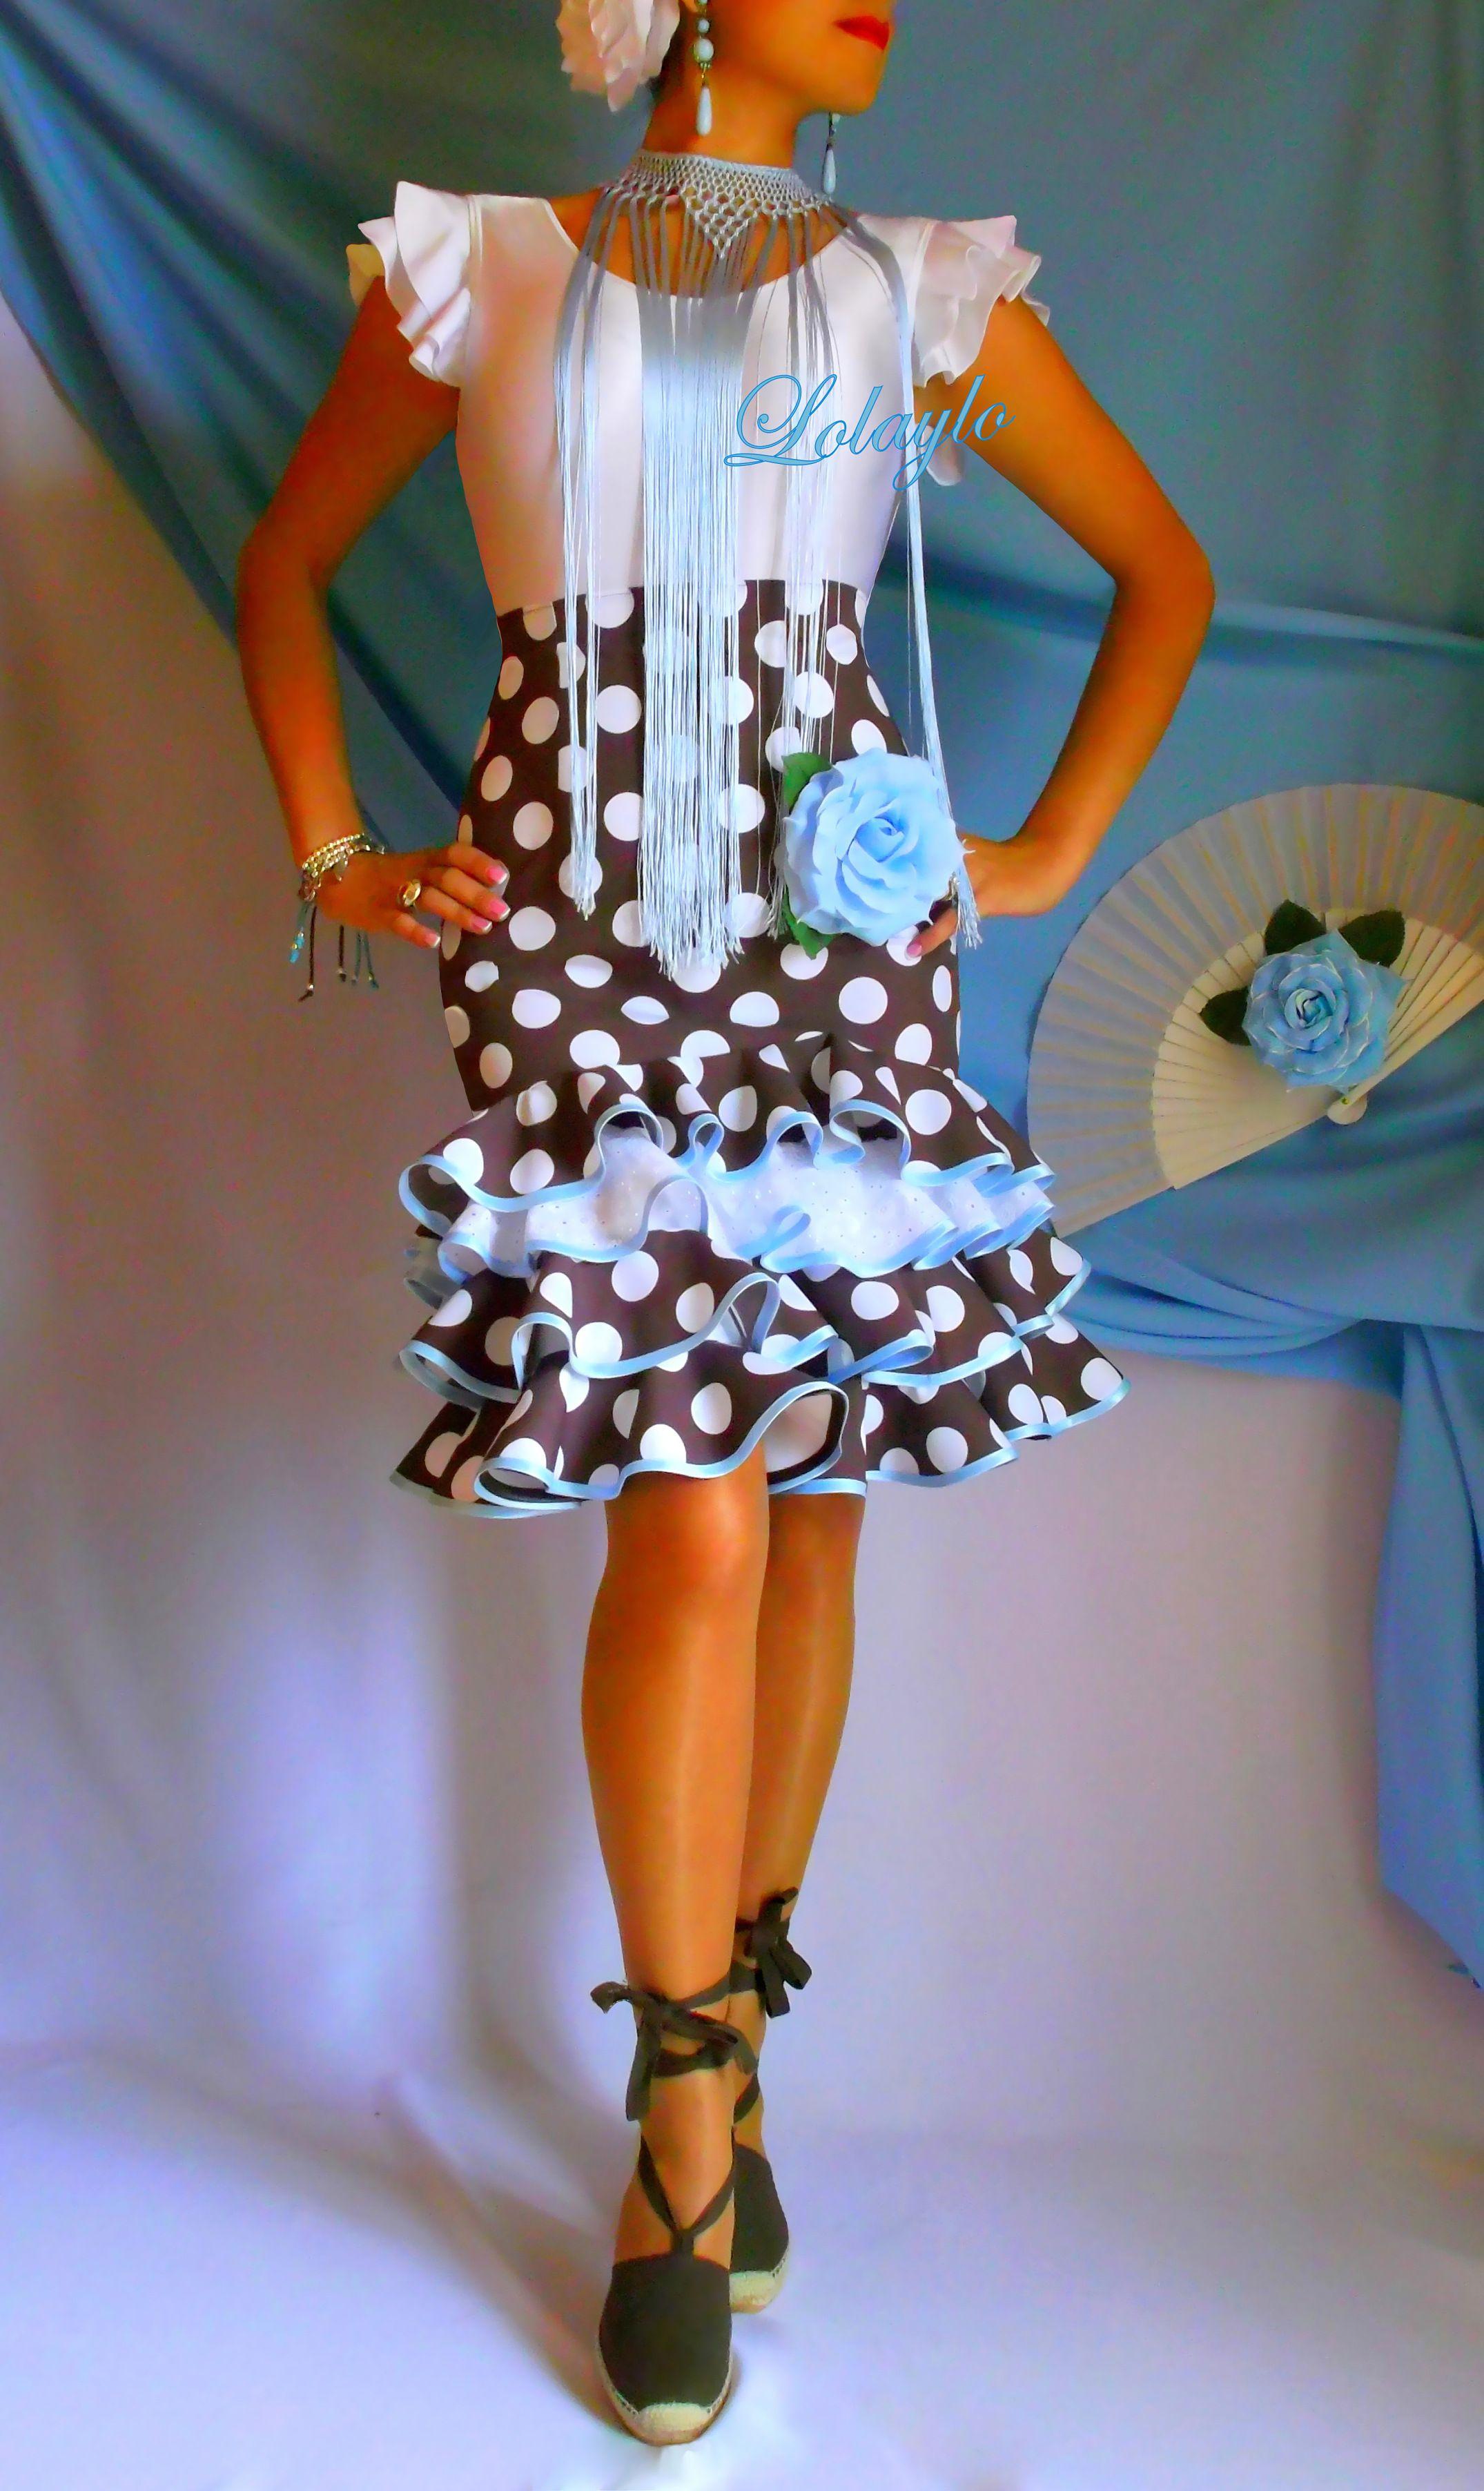 Simple y con estilo peinados para trajes de flamenca 2021 Colección De Cortes De Pelo Ideas - lkv cort 4 v. choco-celeste   Vestidos de lunares ...